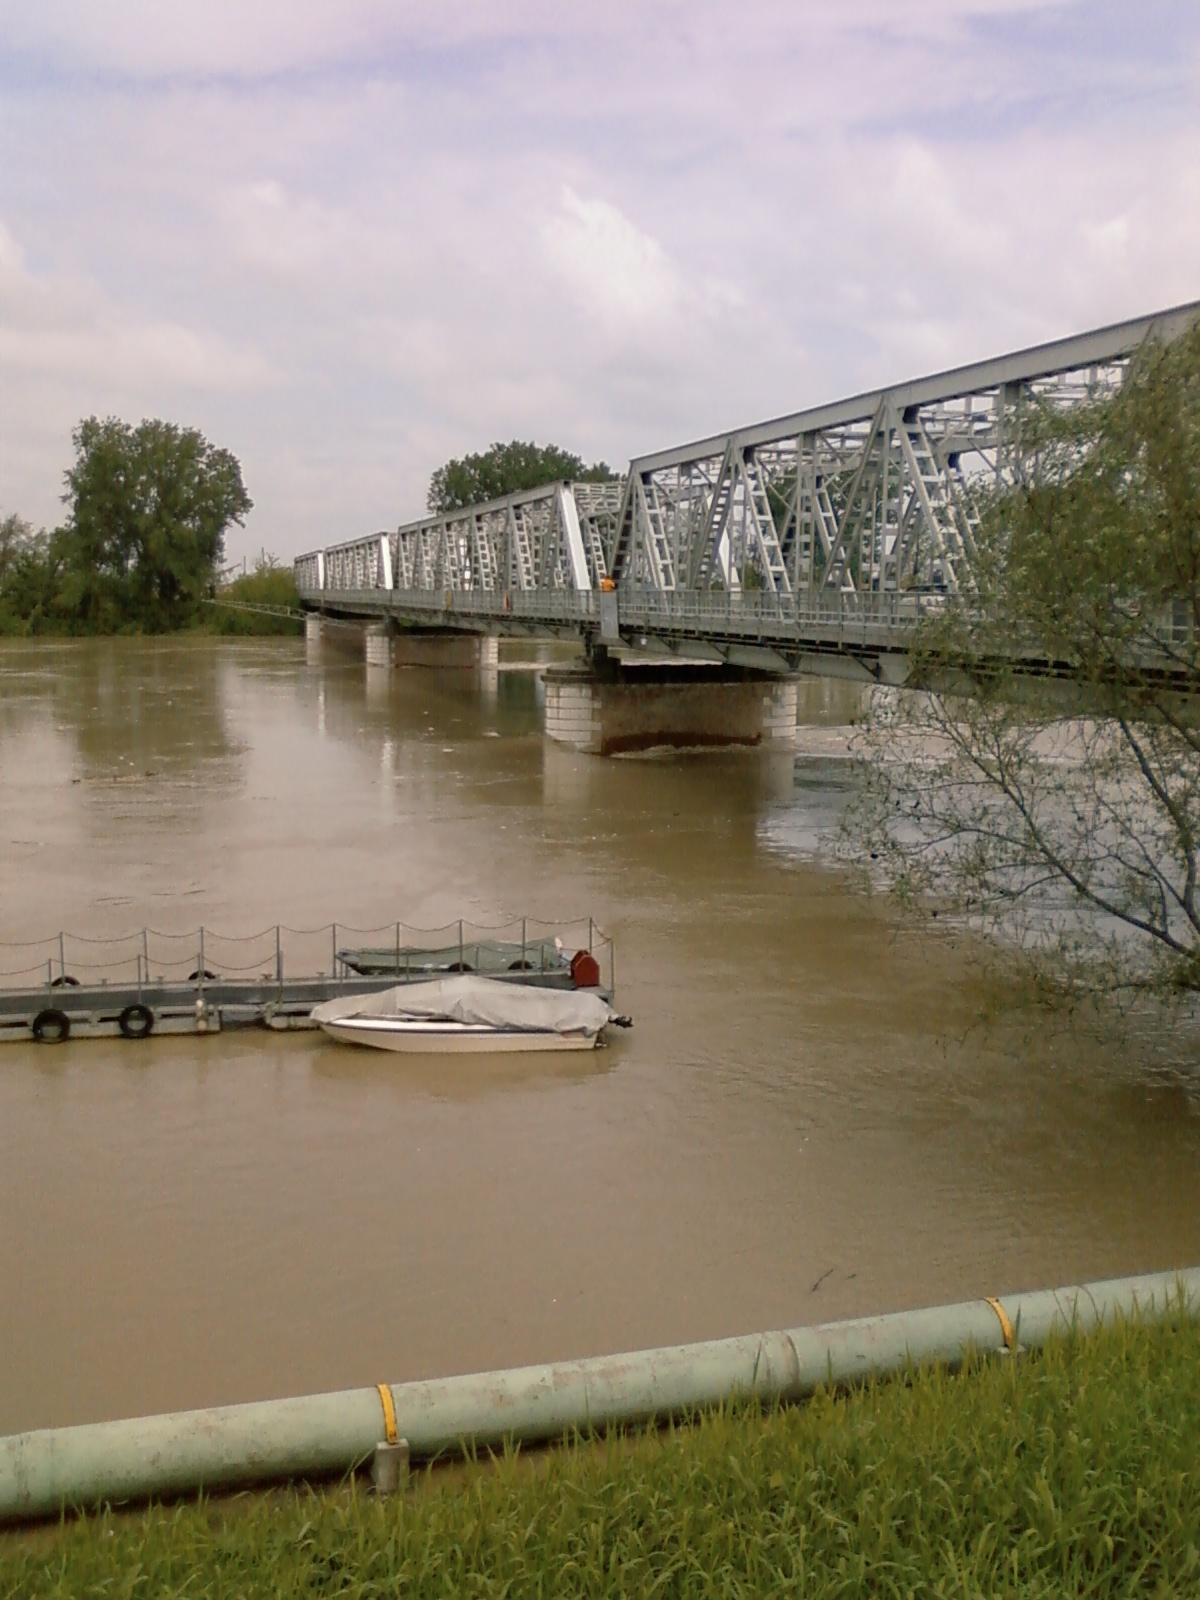 Del po transita nel delta del fiume ma sono attese altre forti piogge